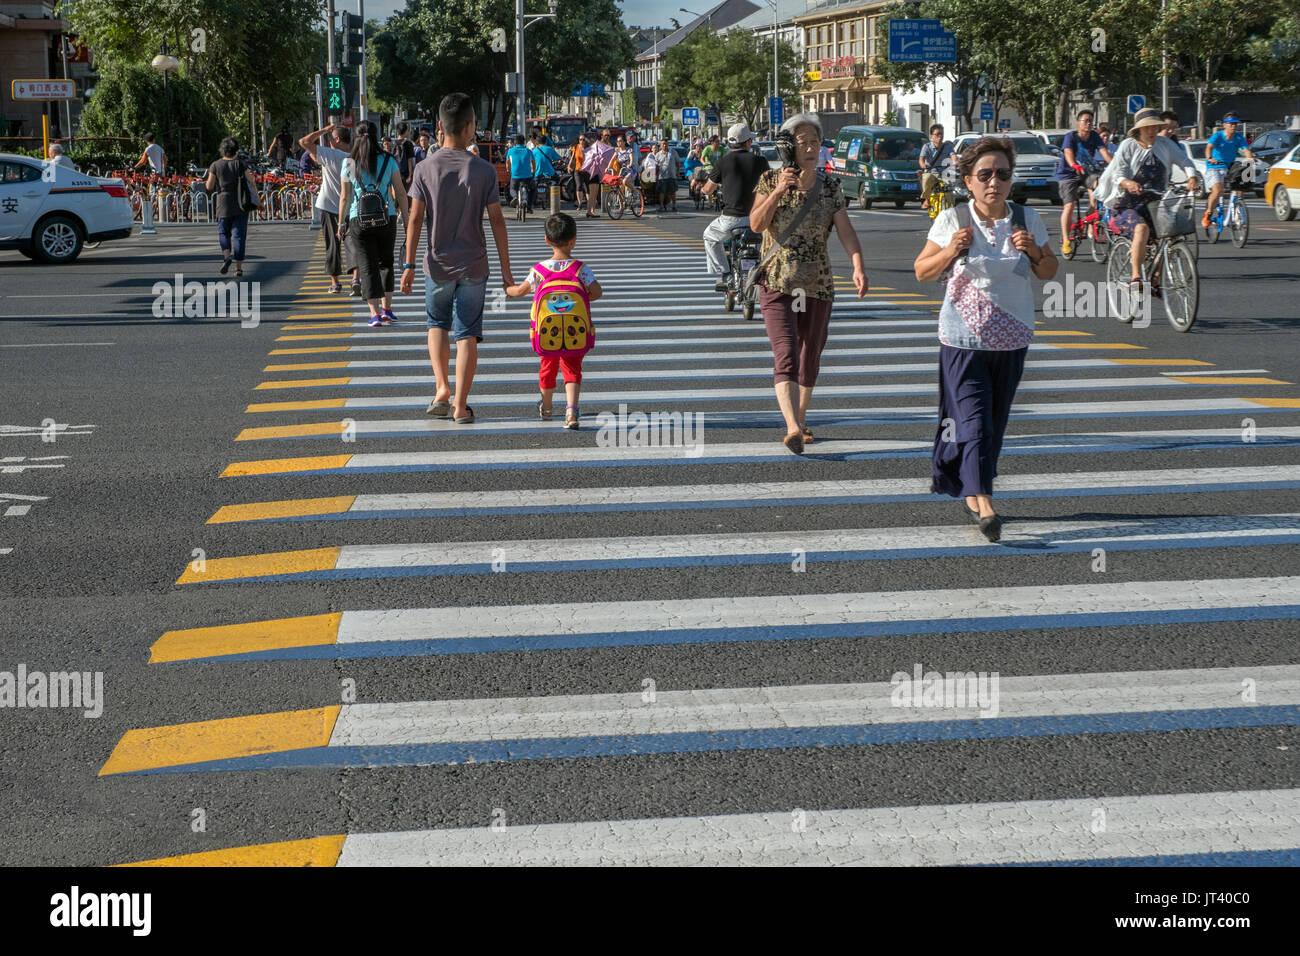 Les piétons au passage piéton 3D dans le centre de Pékin, Chine. 07-Aug-2017 Photo Stock